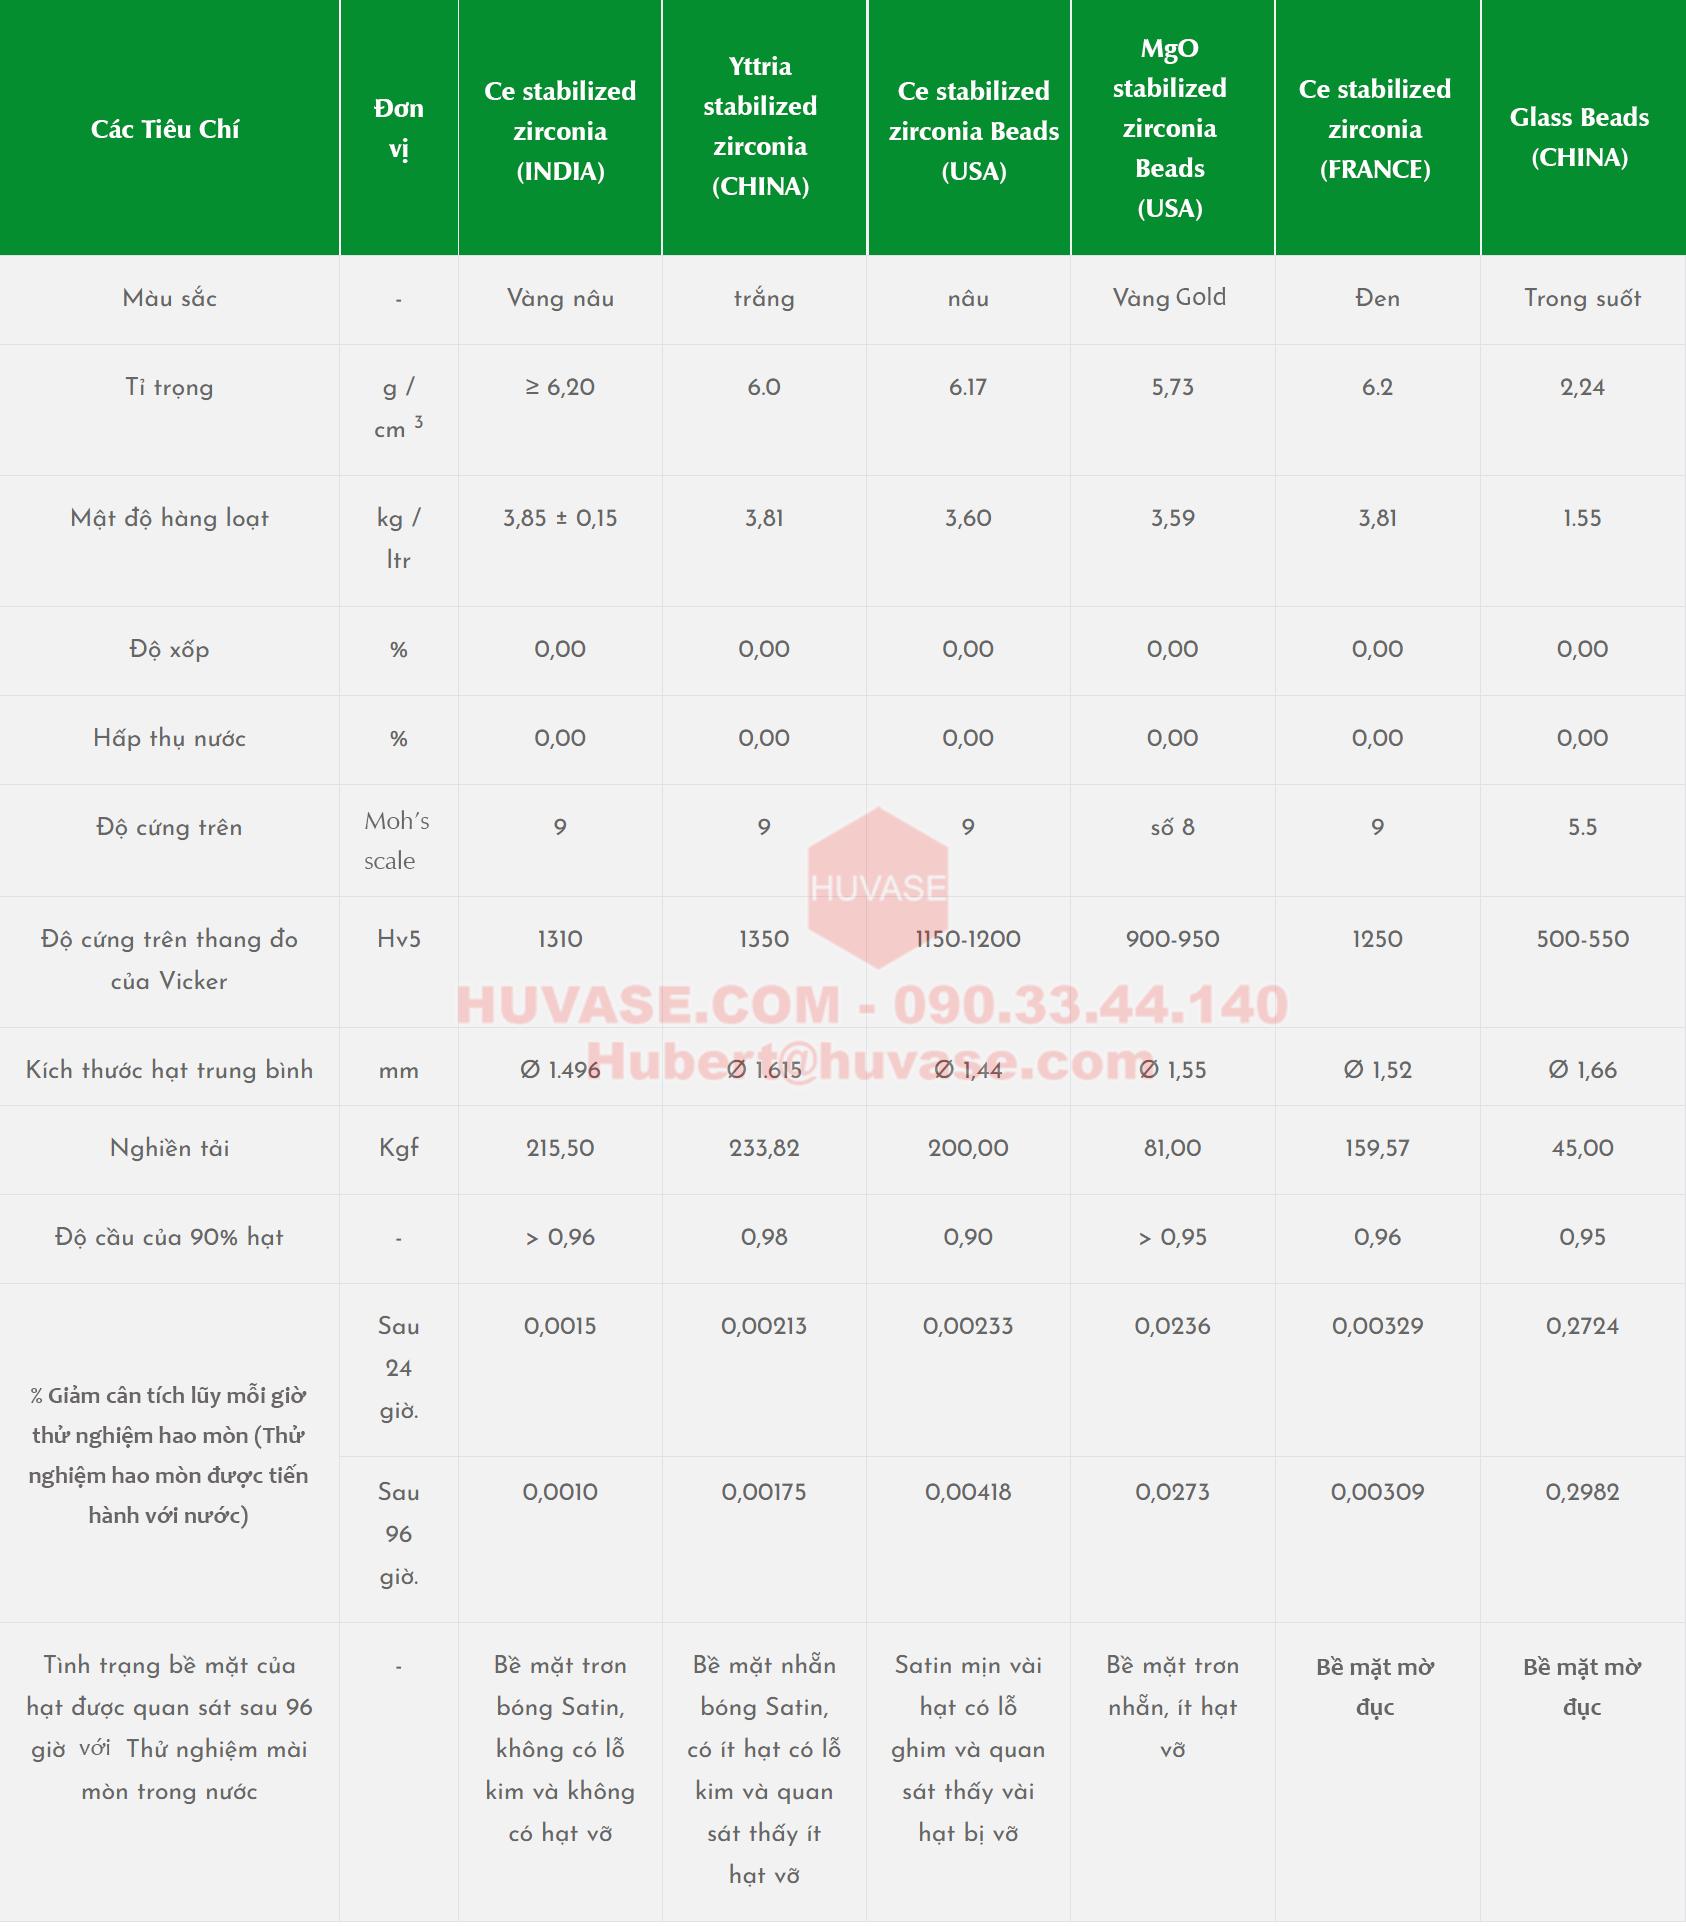 Biểu đồ so sánh tỷ lệ hao mòn và tài sản điển hình